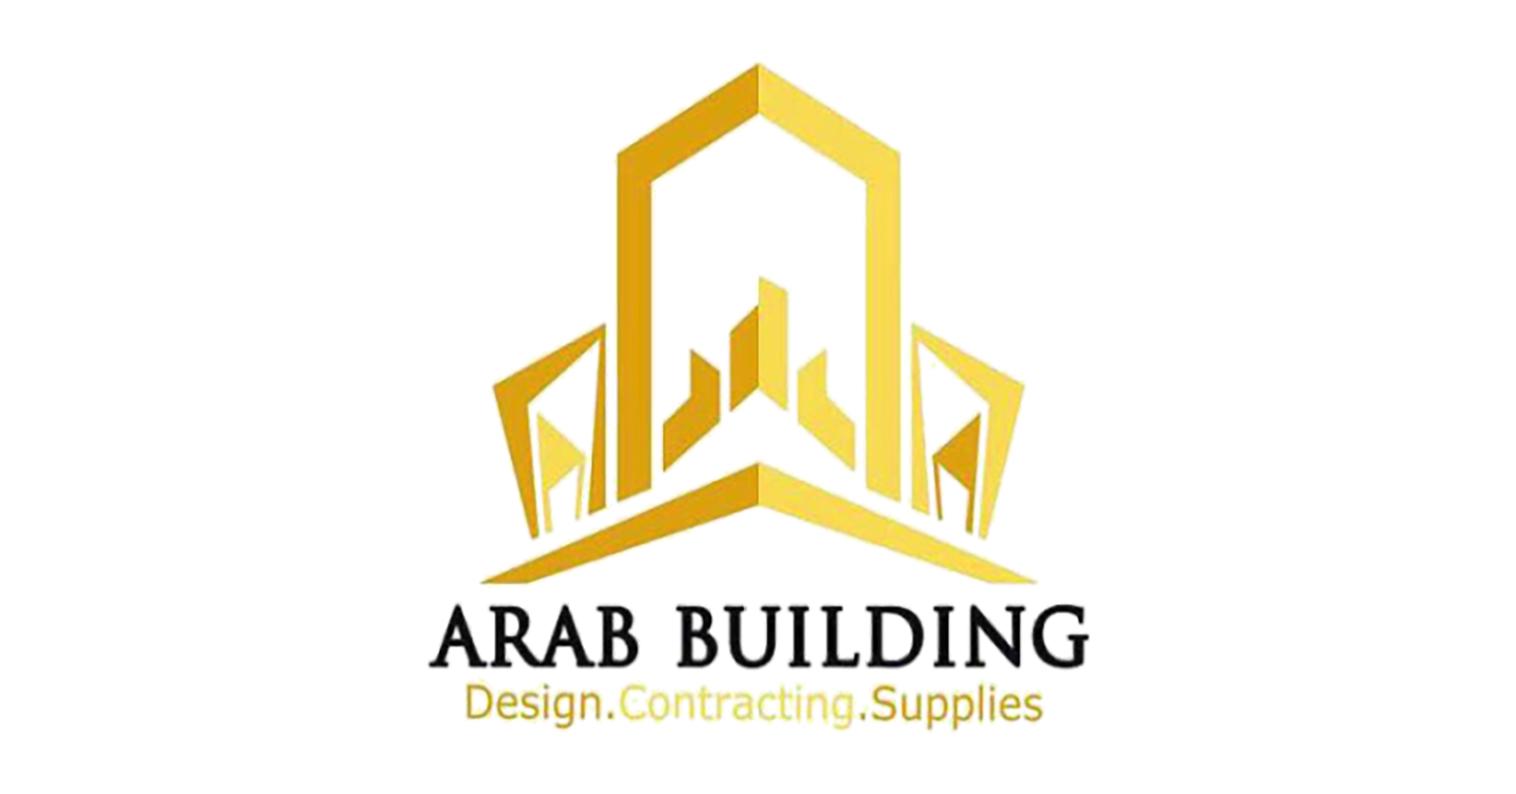 وظيفة مهندس مكتب فني (معماري) فى عرب بيلدنج للمقاولات فى -المنيل - القاهرة | فرصنا